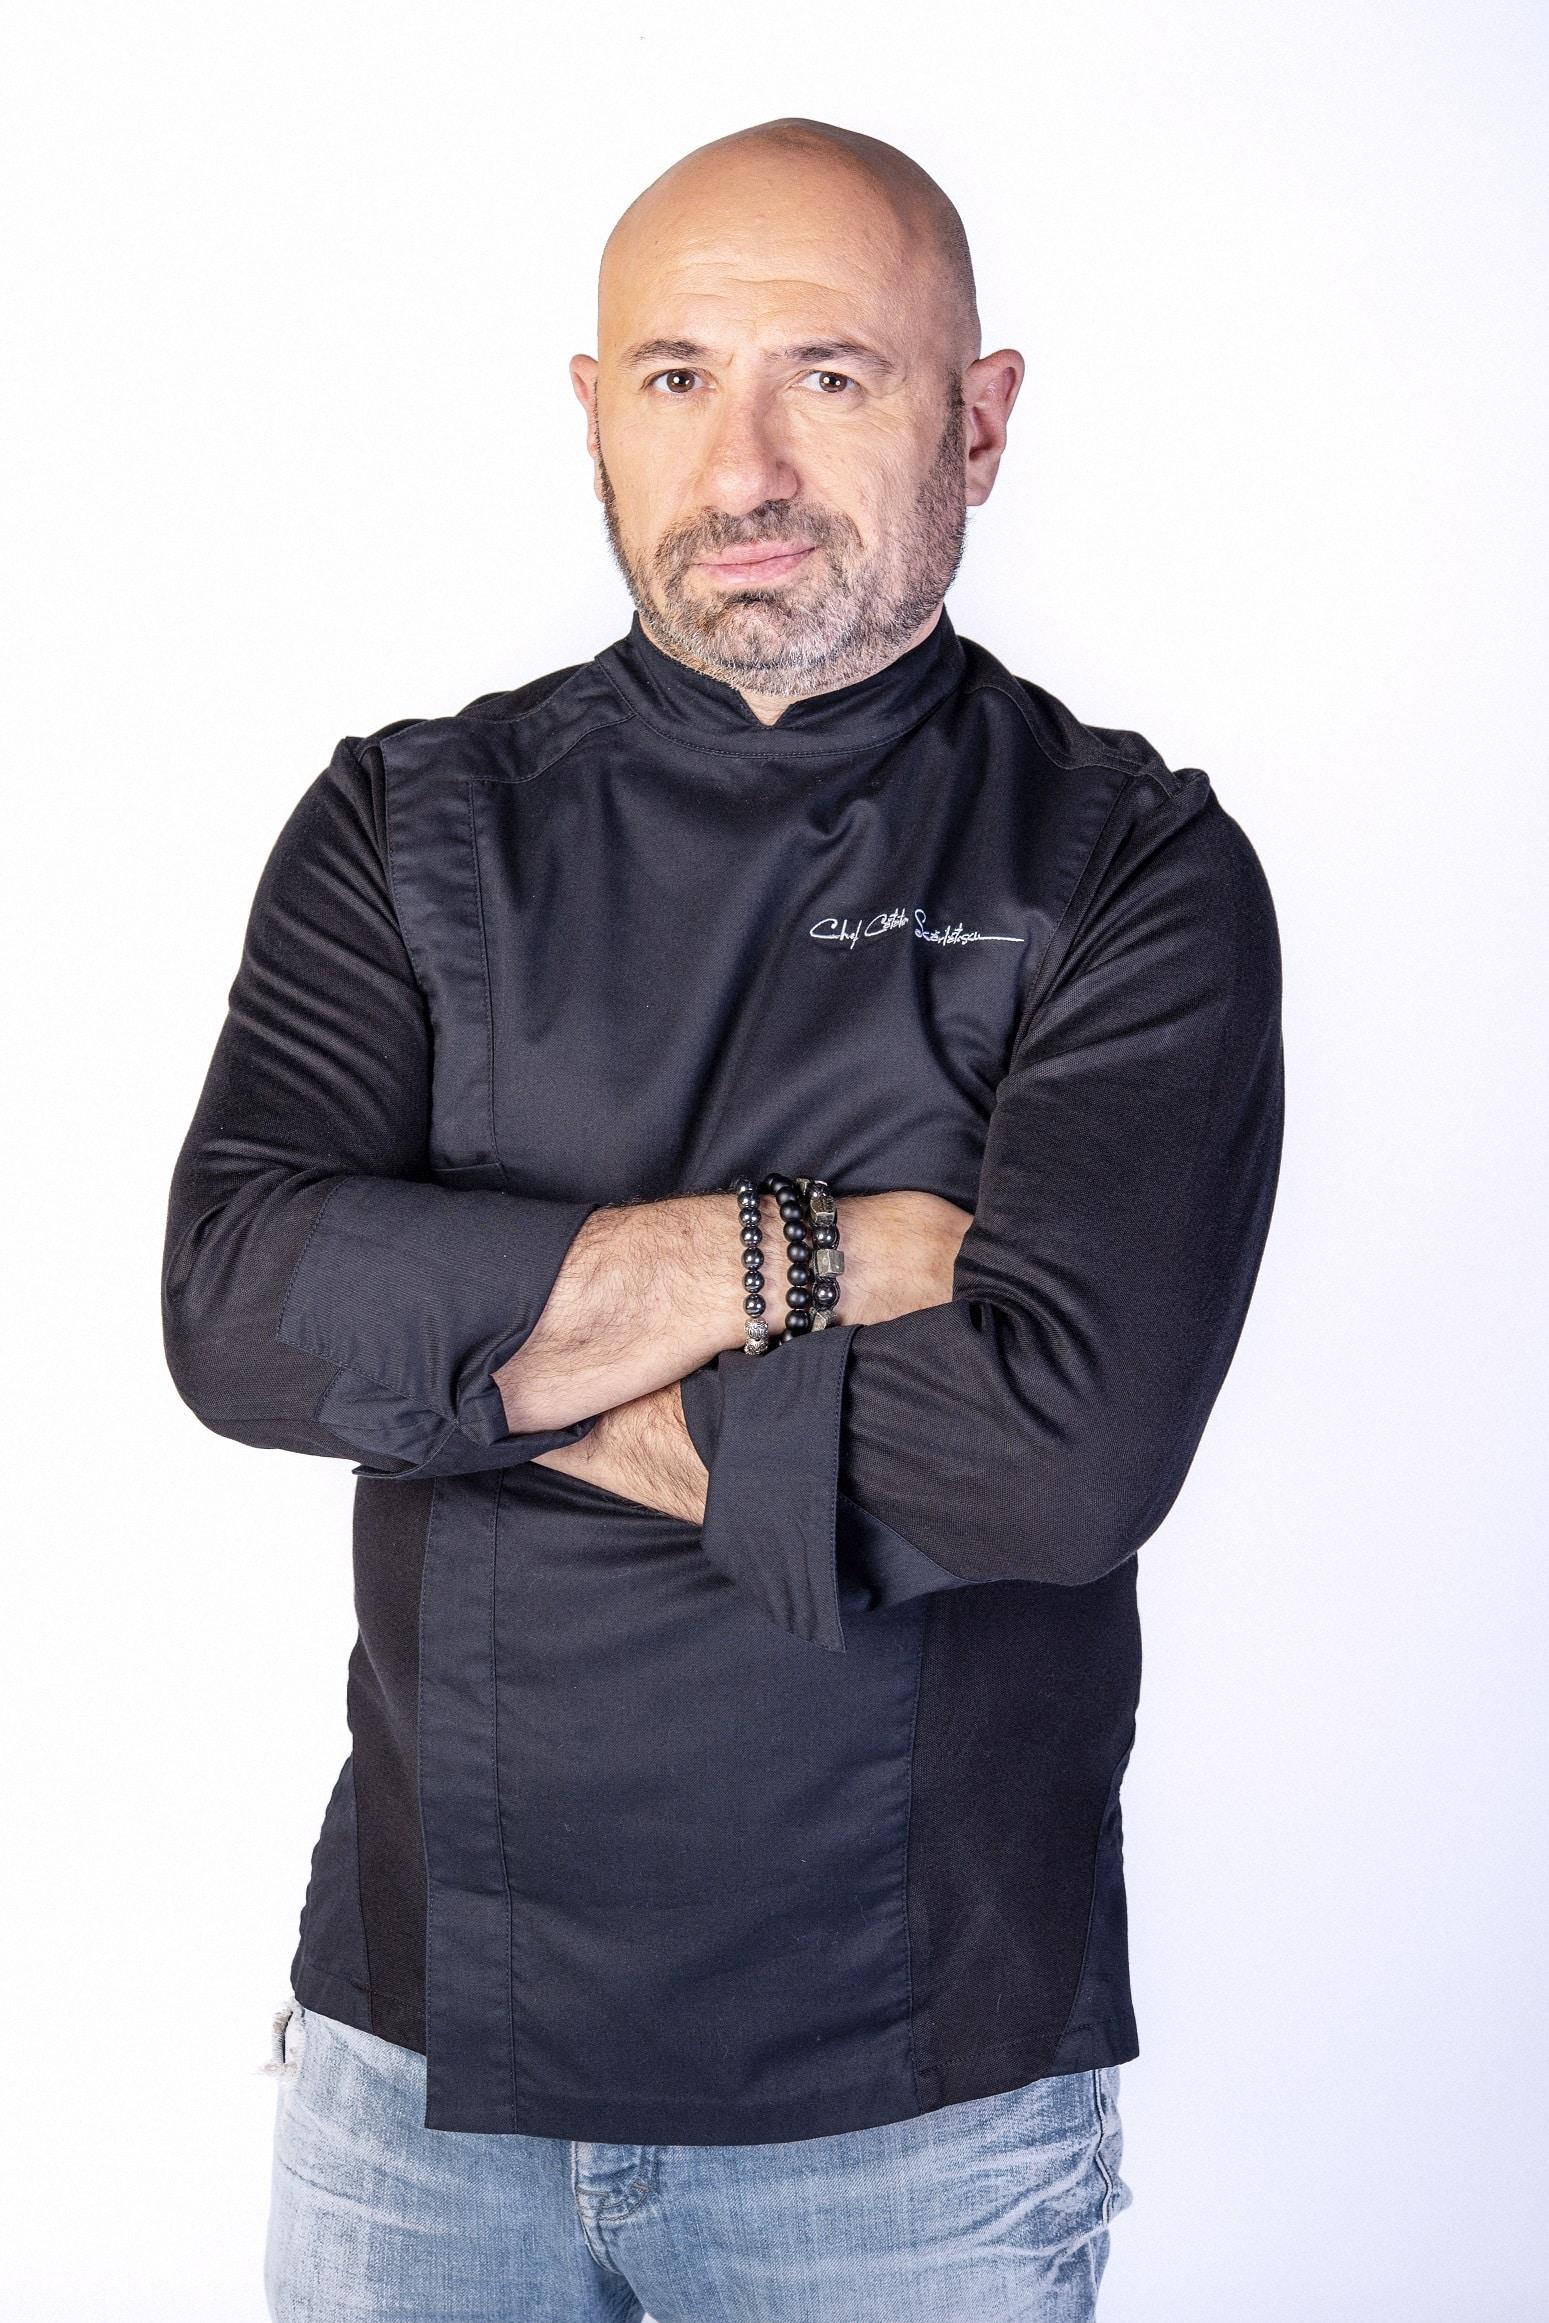 Cătălin Scărlătescu, cum și-a început cariera și ce sarcină avea de îndeplinit în bucătărie